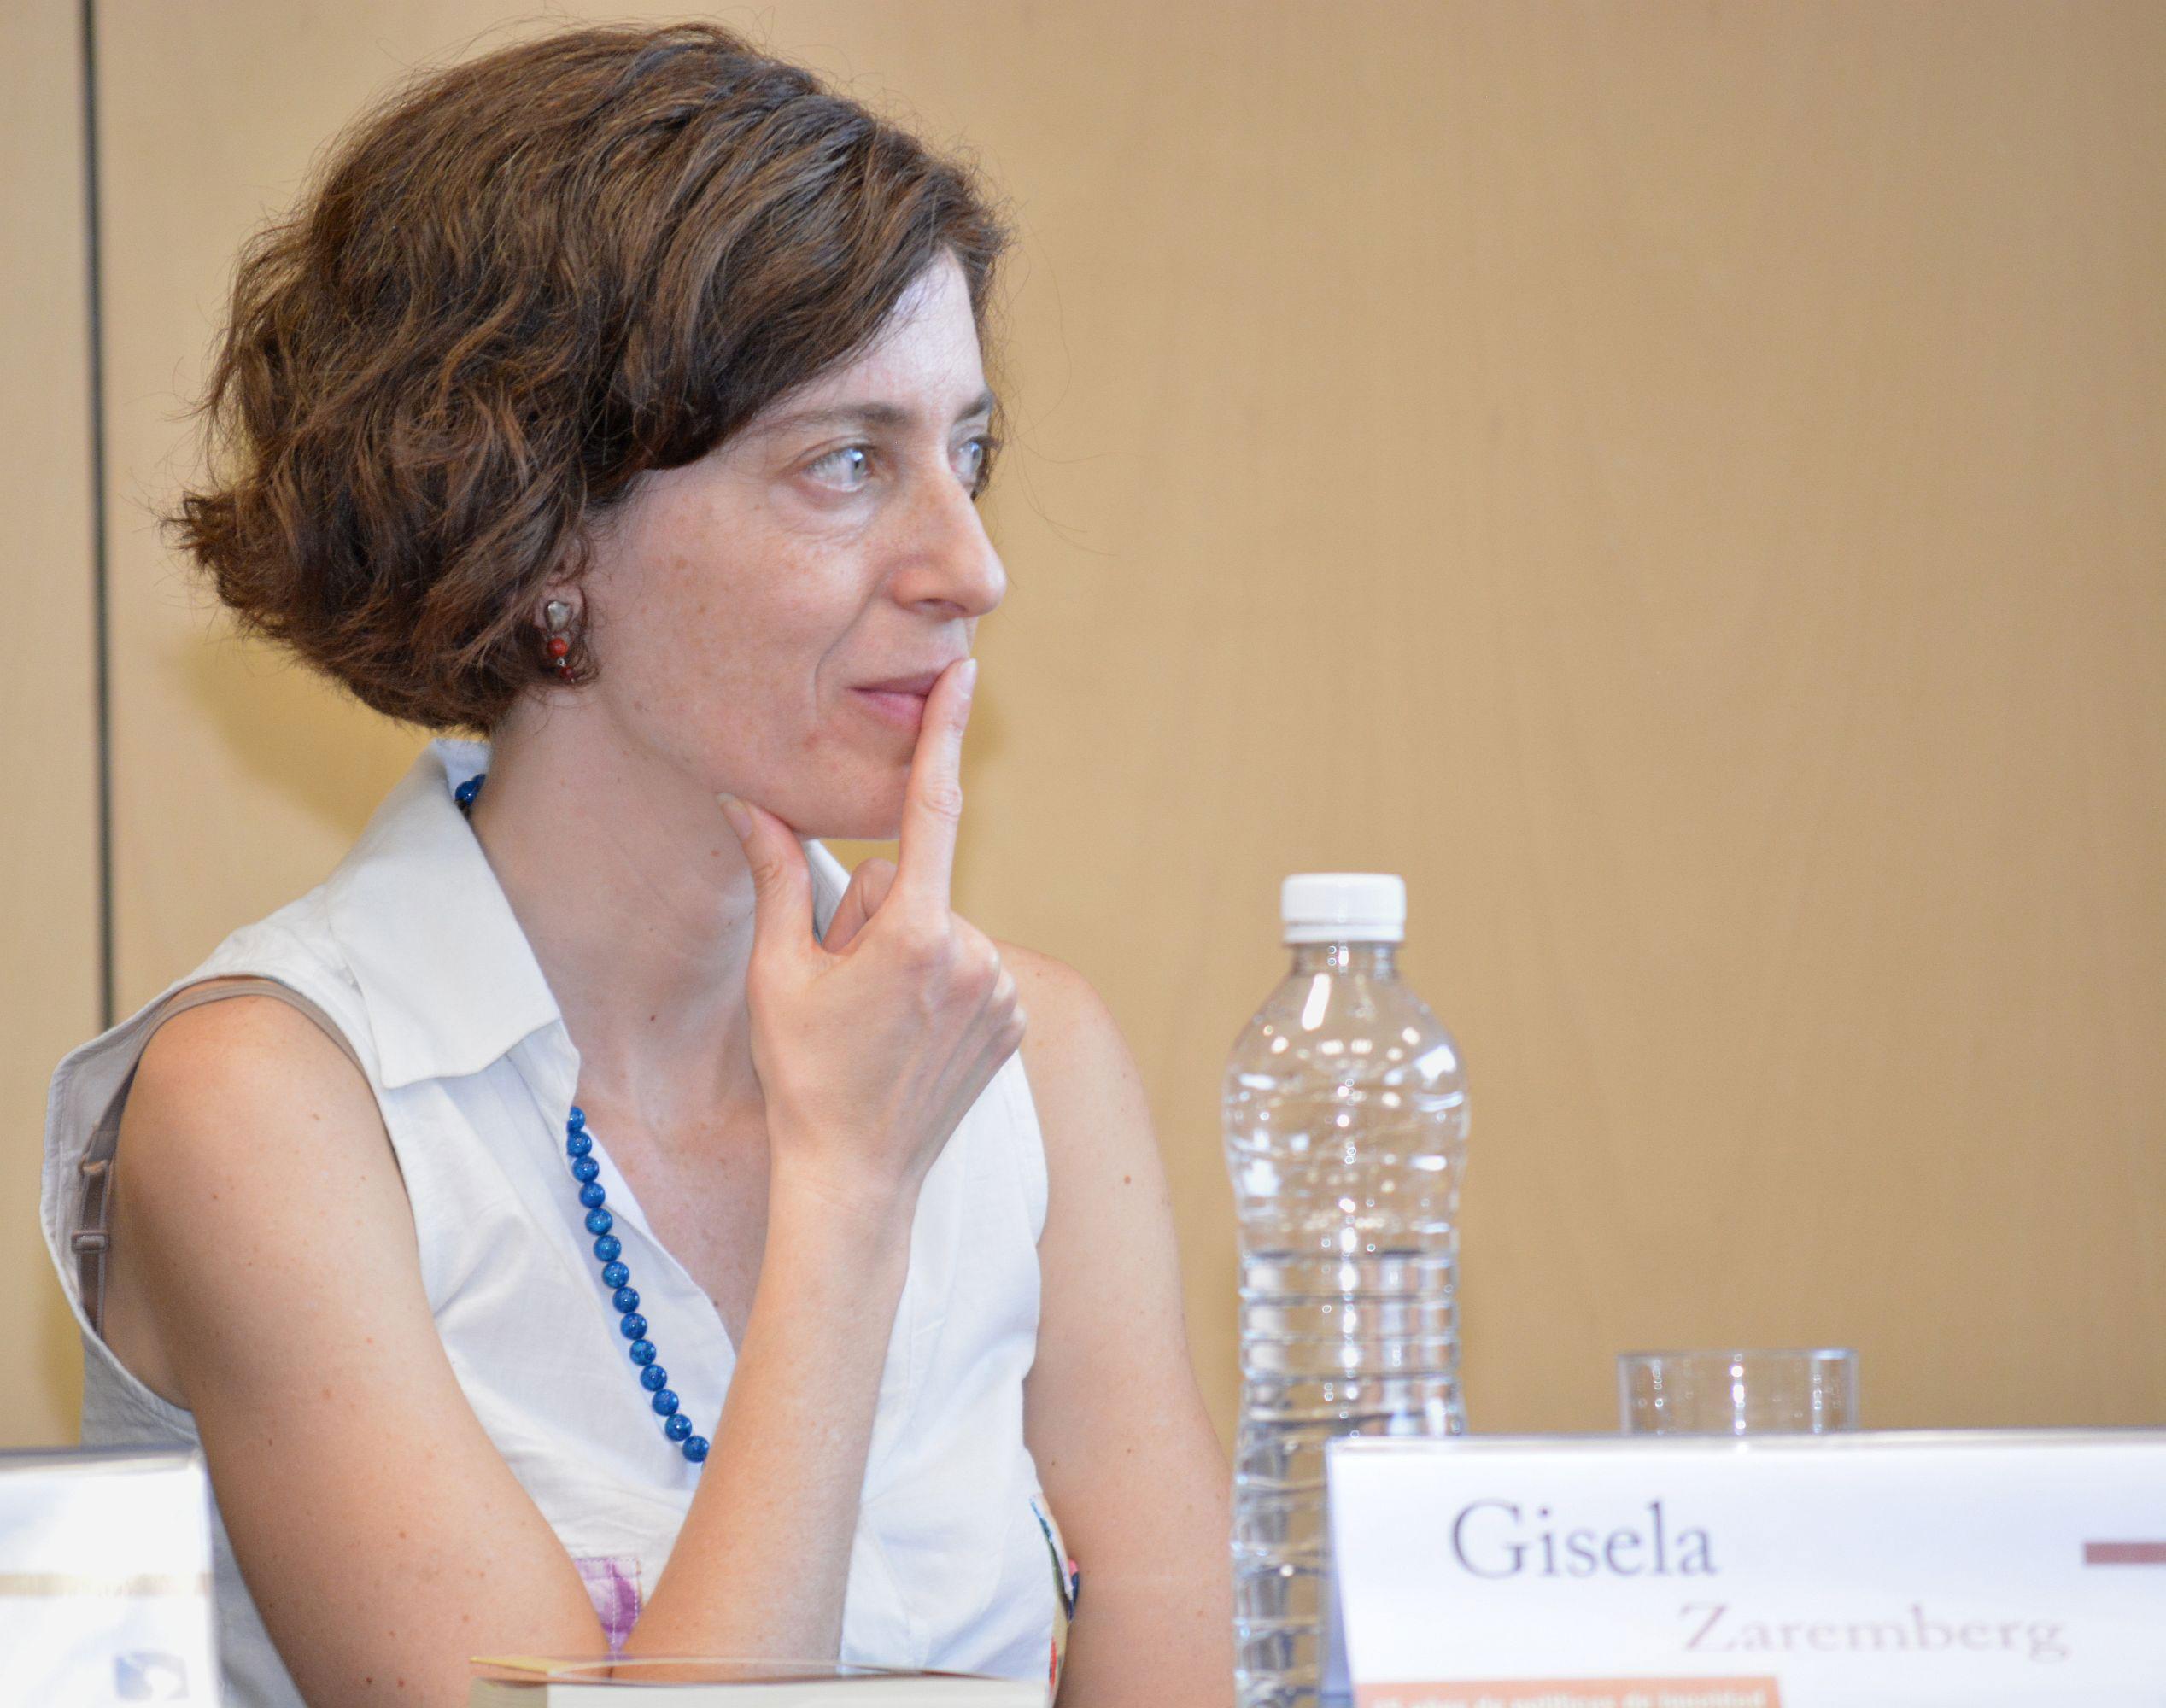 Gisela Zaremberg de la Facultad Latinoamericana de Ciencias Sociales (FLACSO), Sede México.